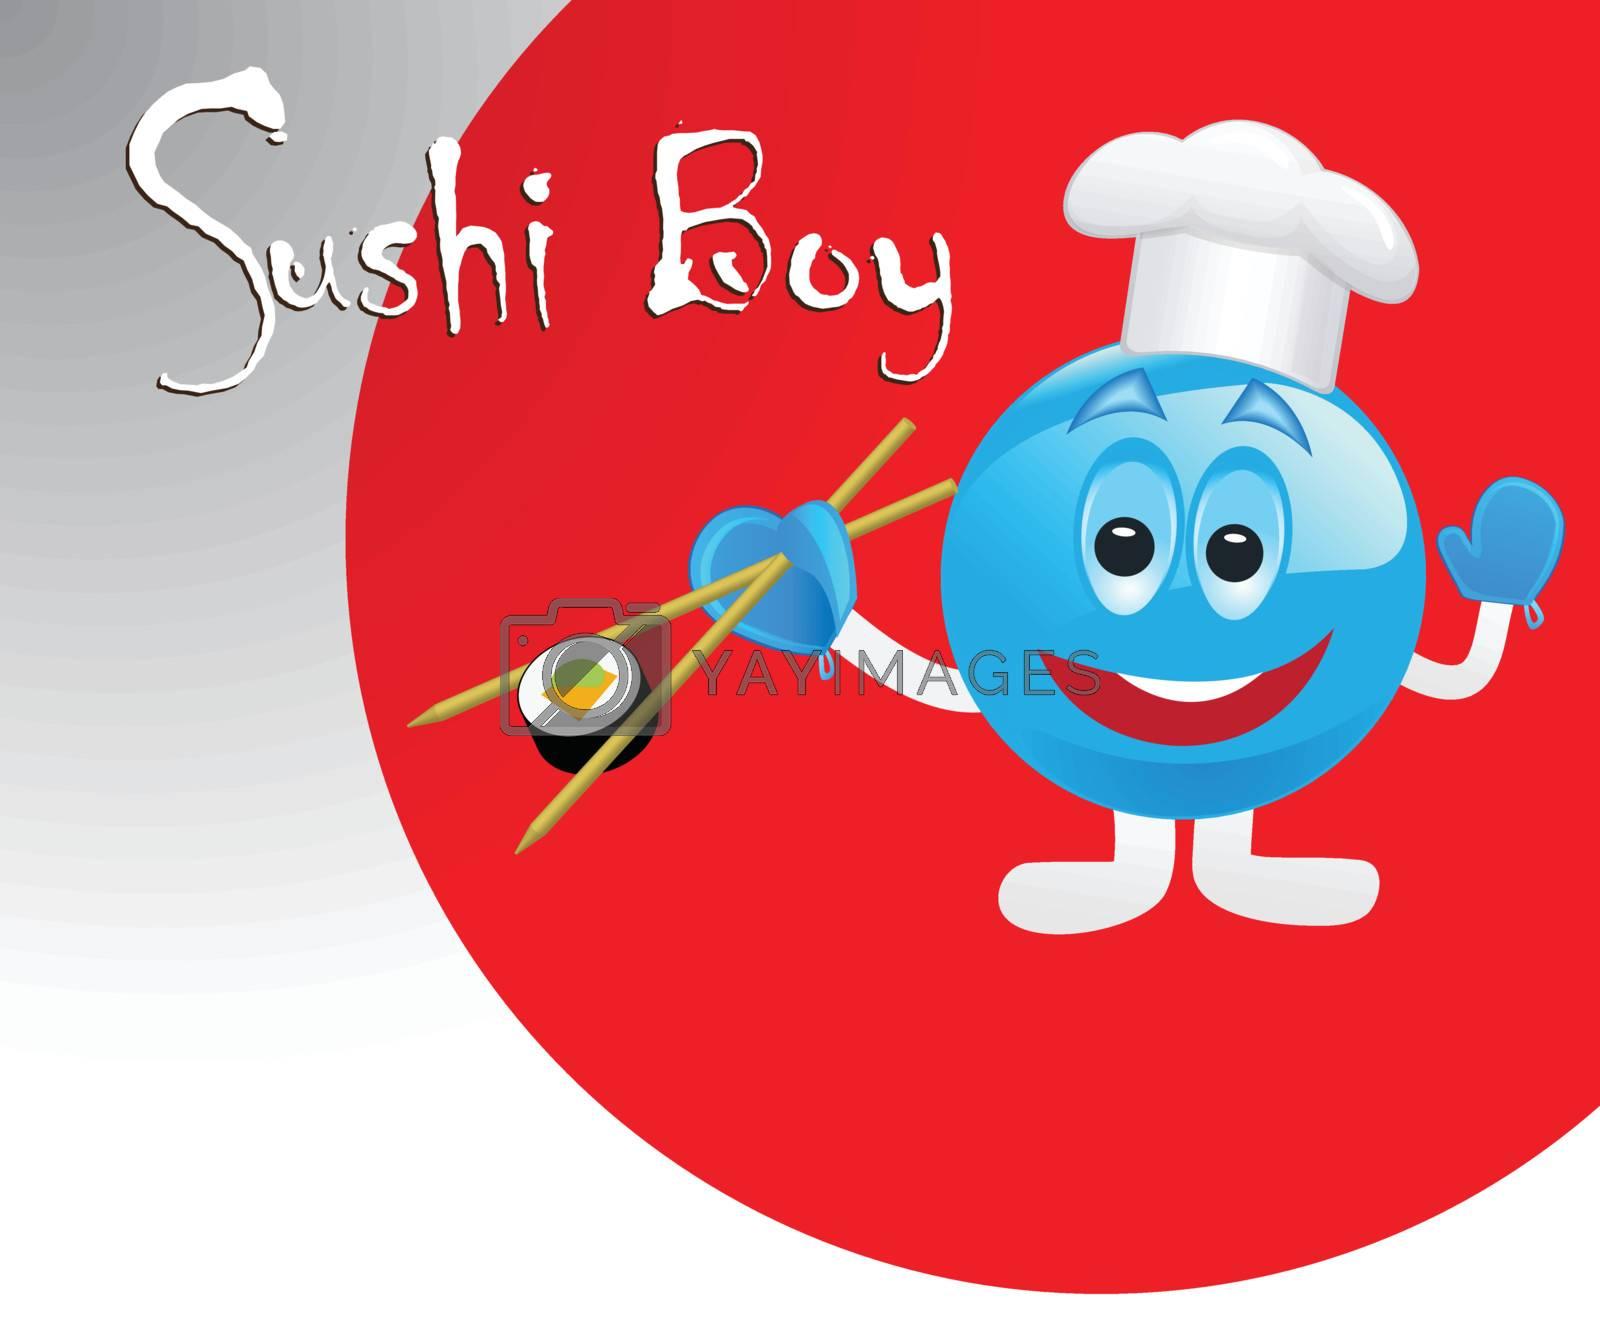 cute sushi boy